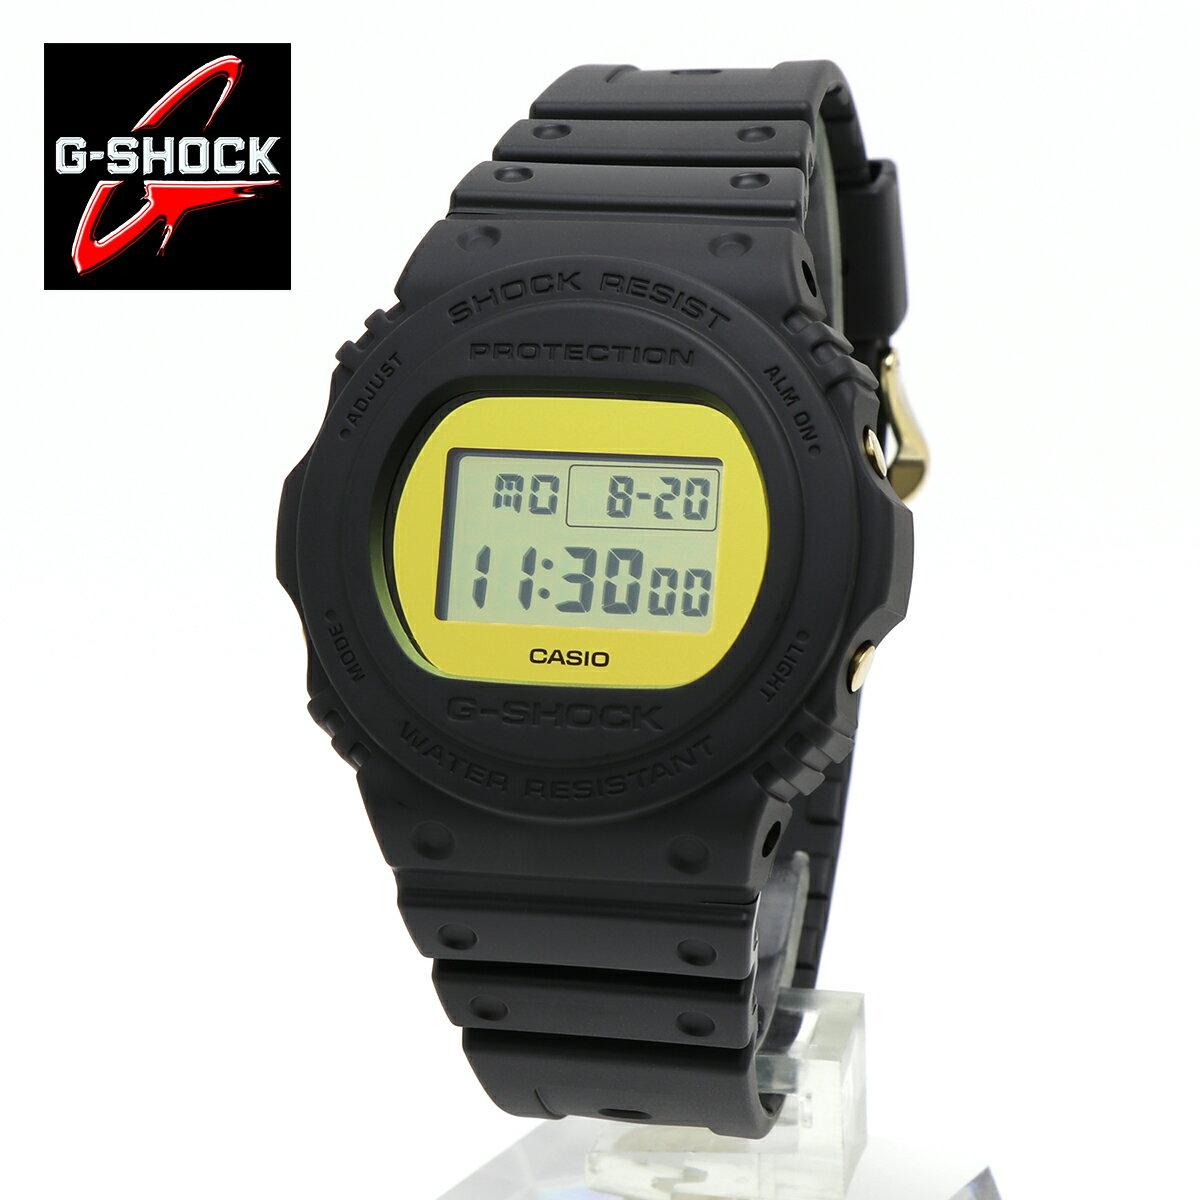 CASIO G-SHOCK gold 35 CASIO G-SHOCK DW-5700BBMB-...